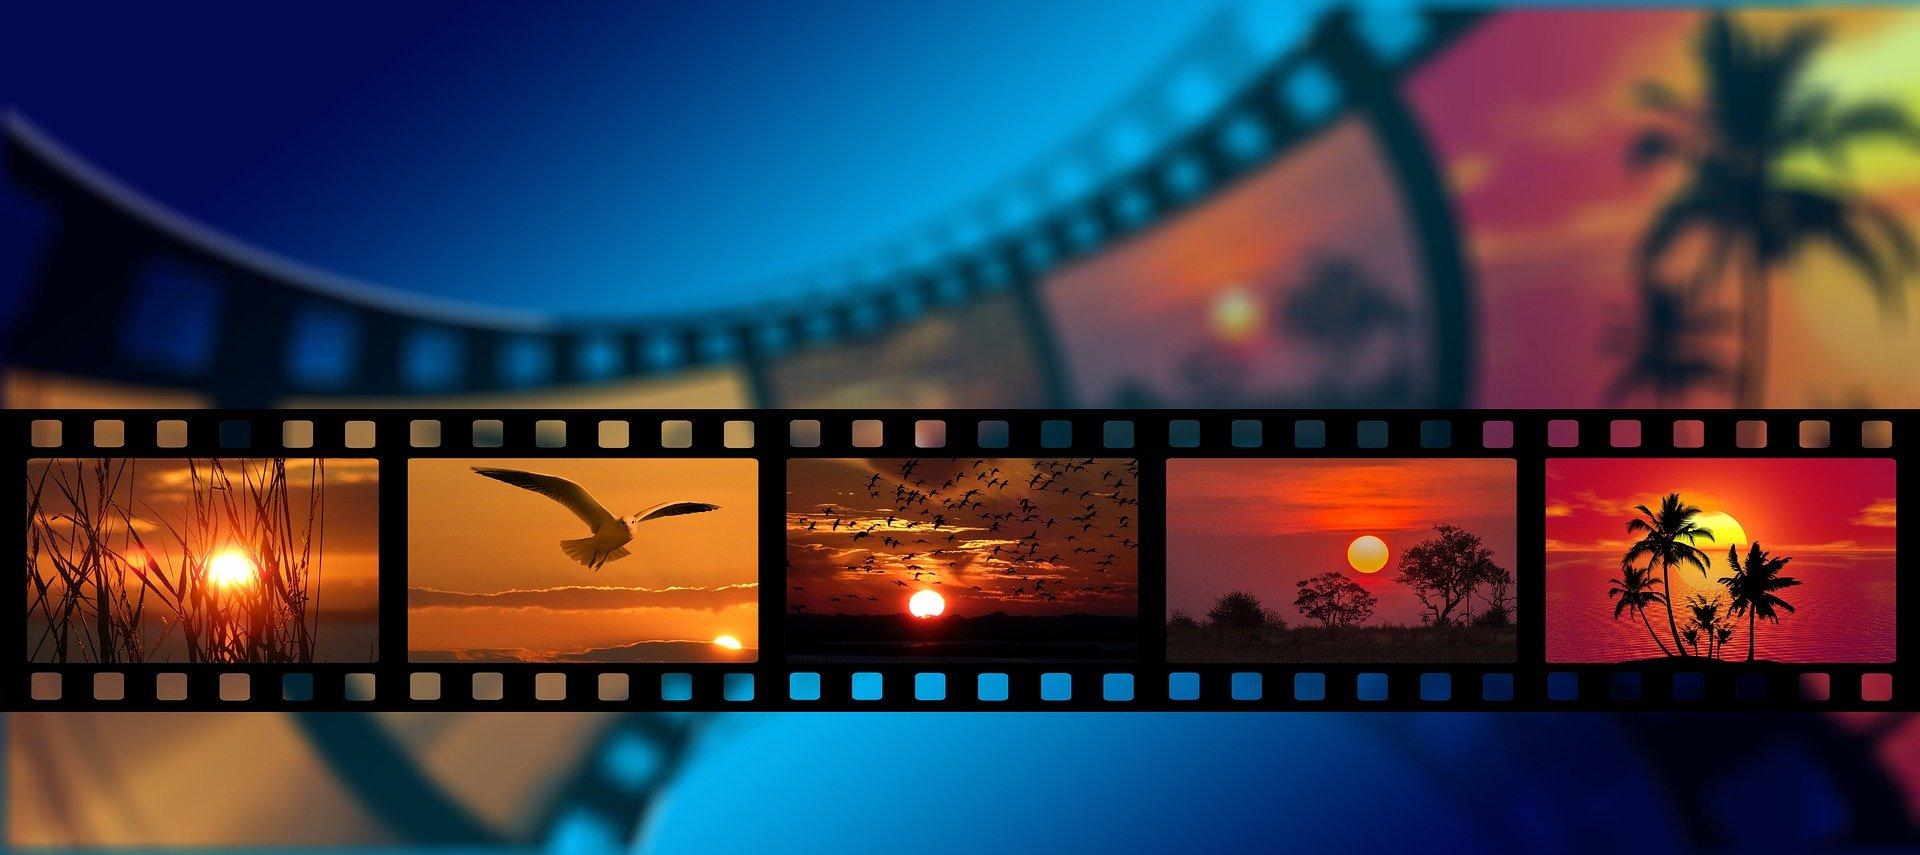 2021-10-01 Der Film meines Lebens - Endlich Schöpfer!